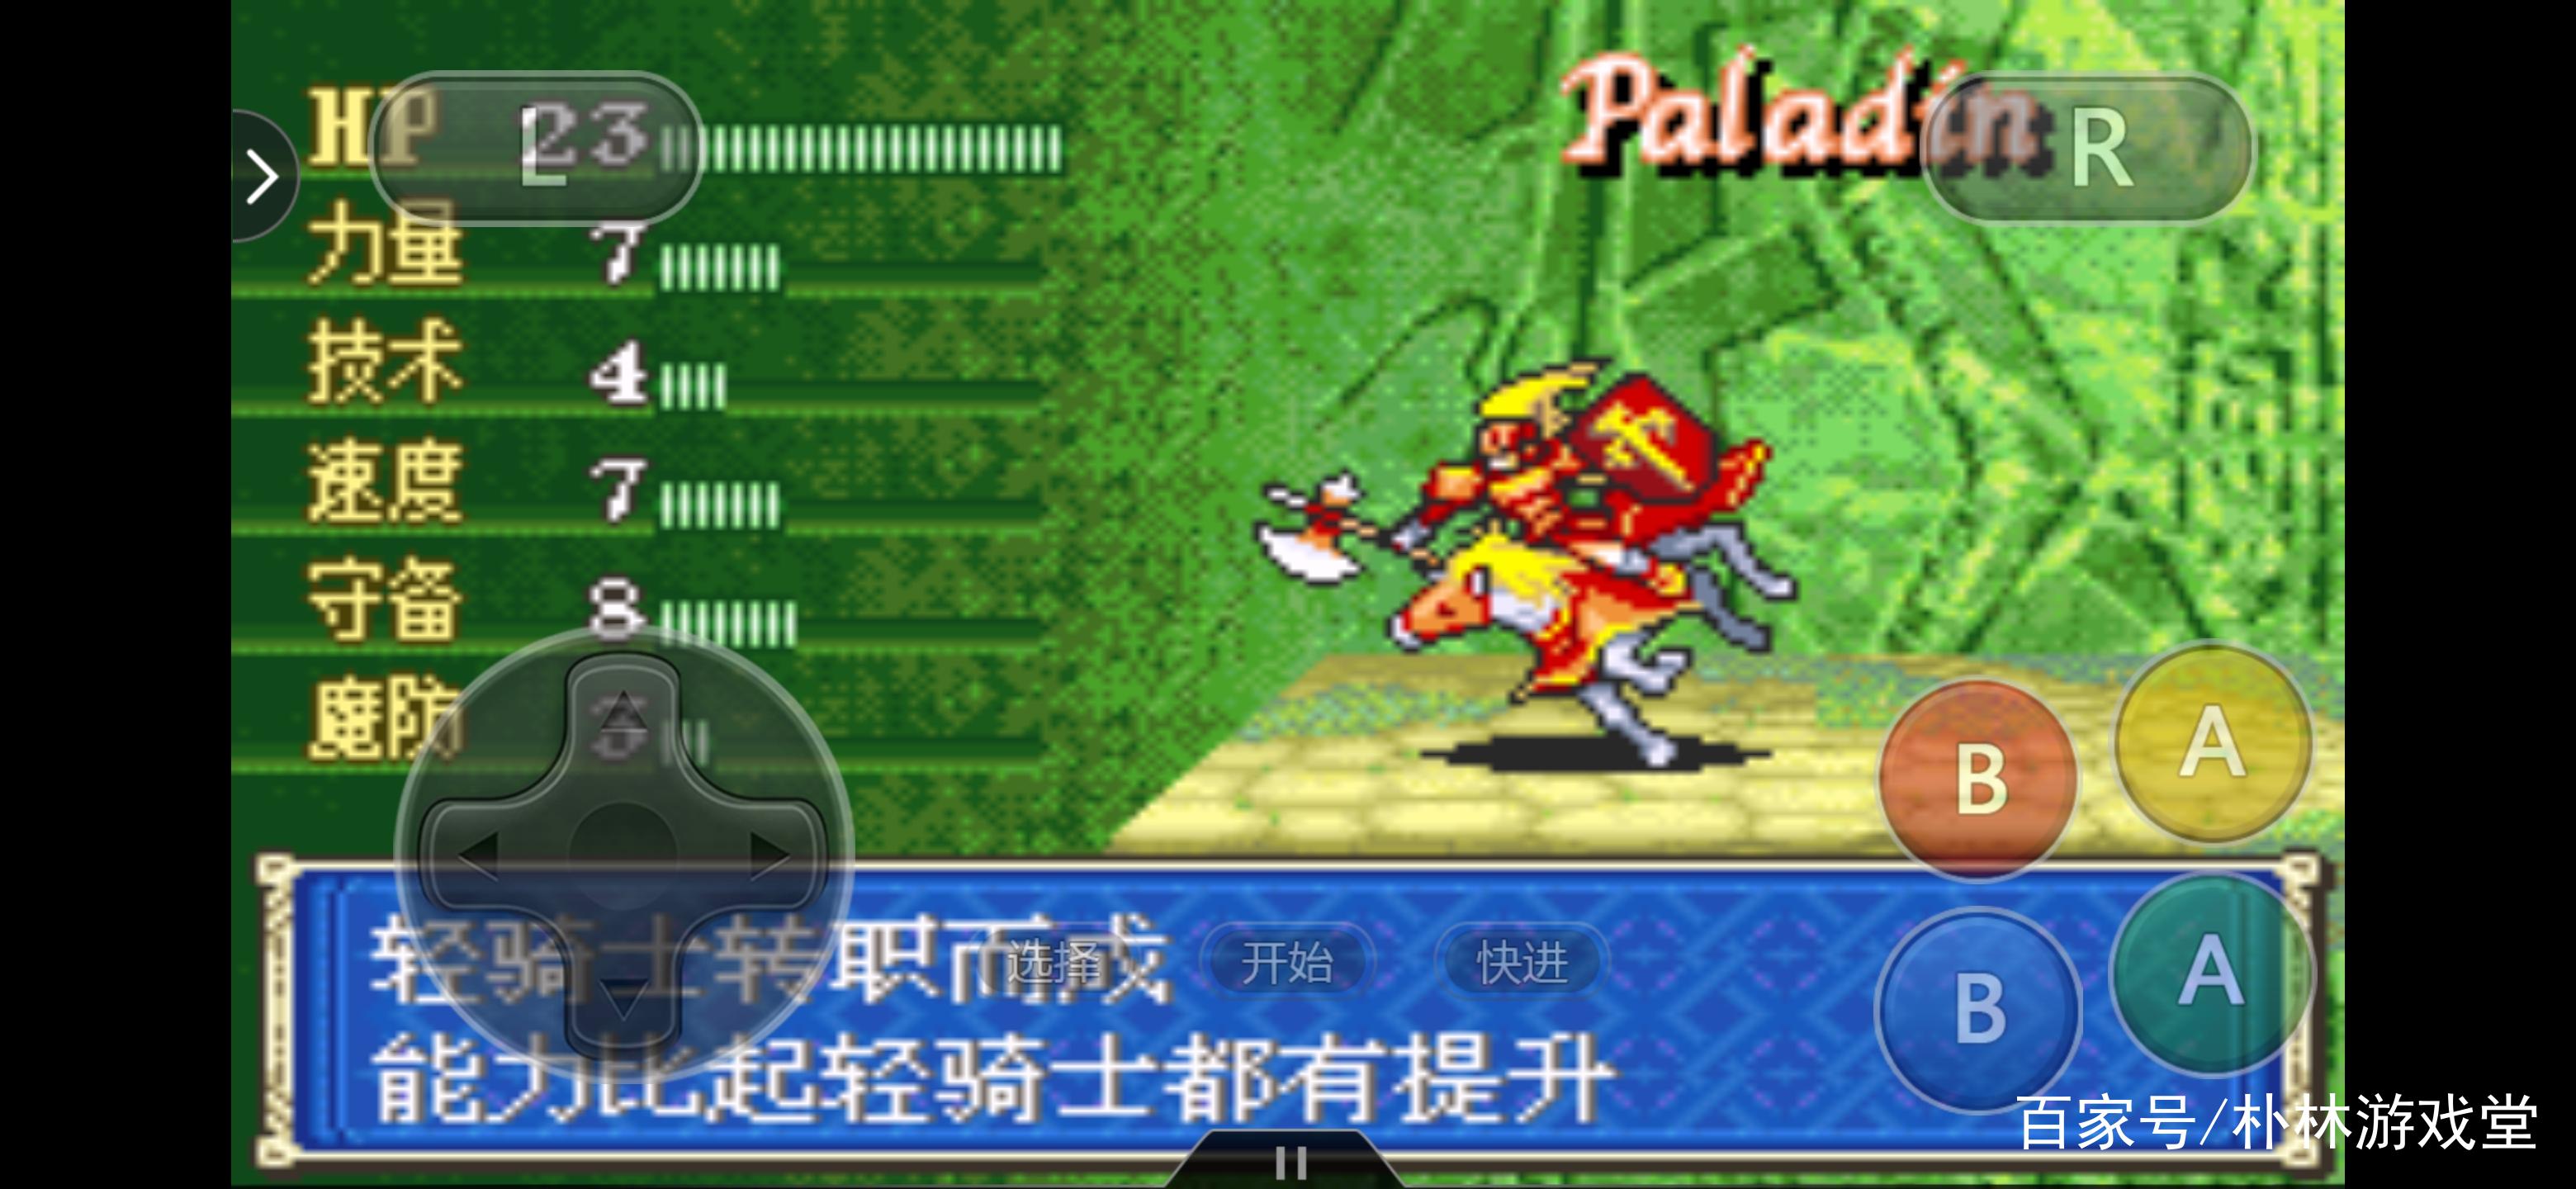 《火焰之纹章》GBA火纹三部曲,有没有你入坑的游戏呢?